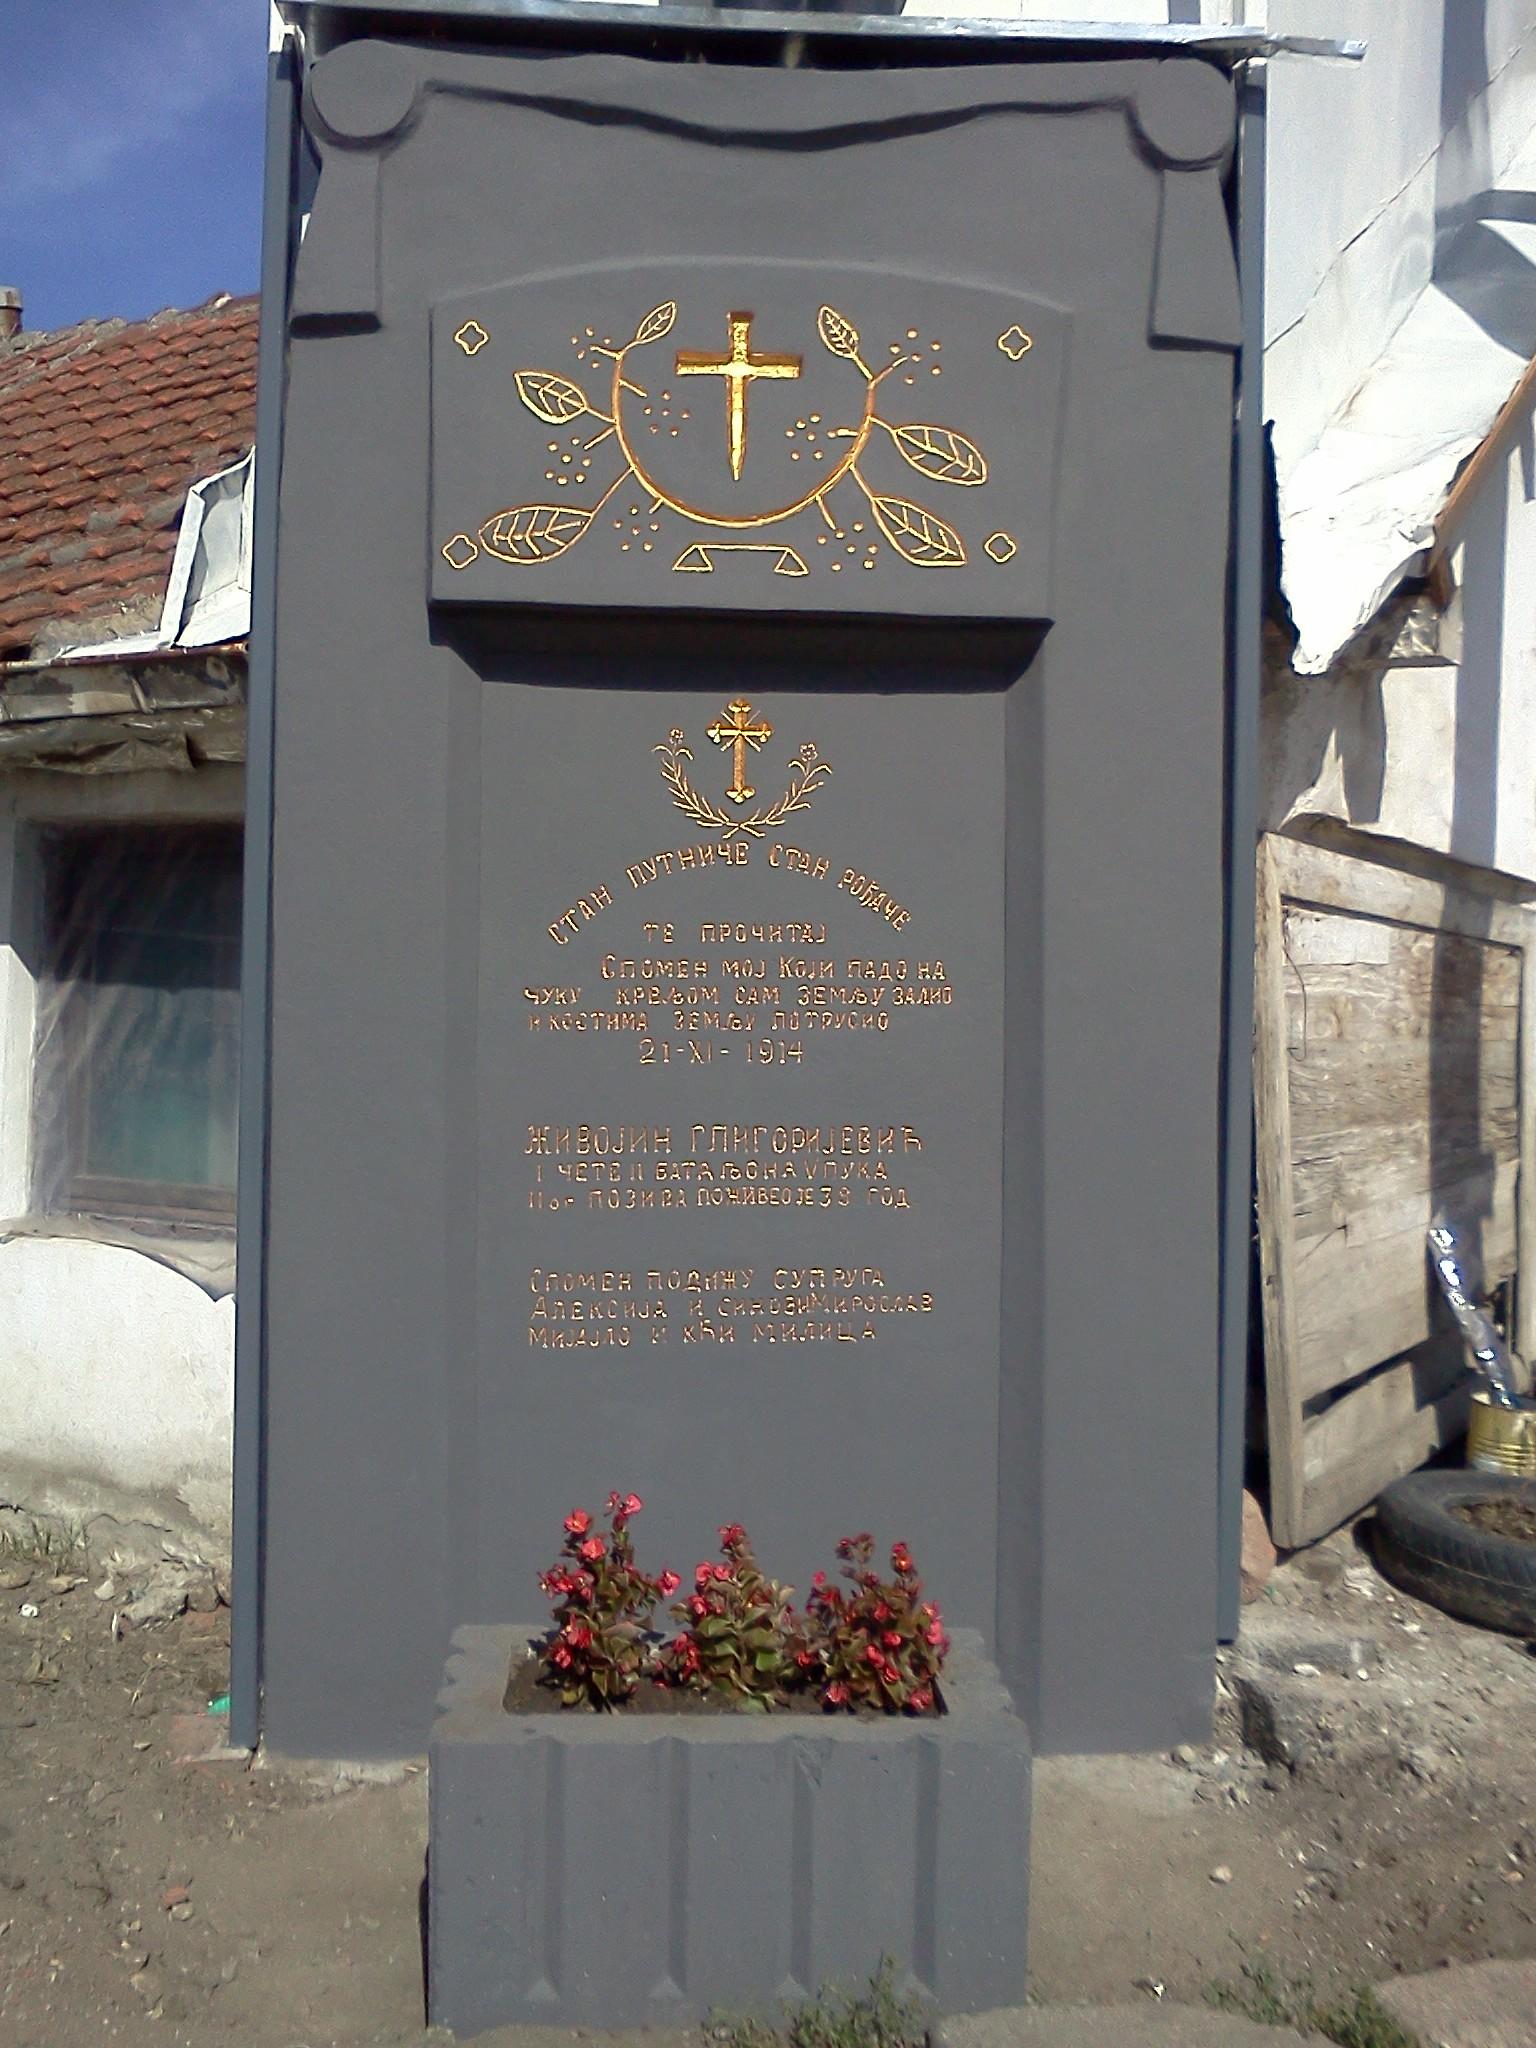 Zanimljiva priča o spomeniku krajputašu u Jagodini